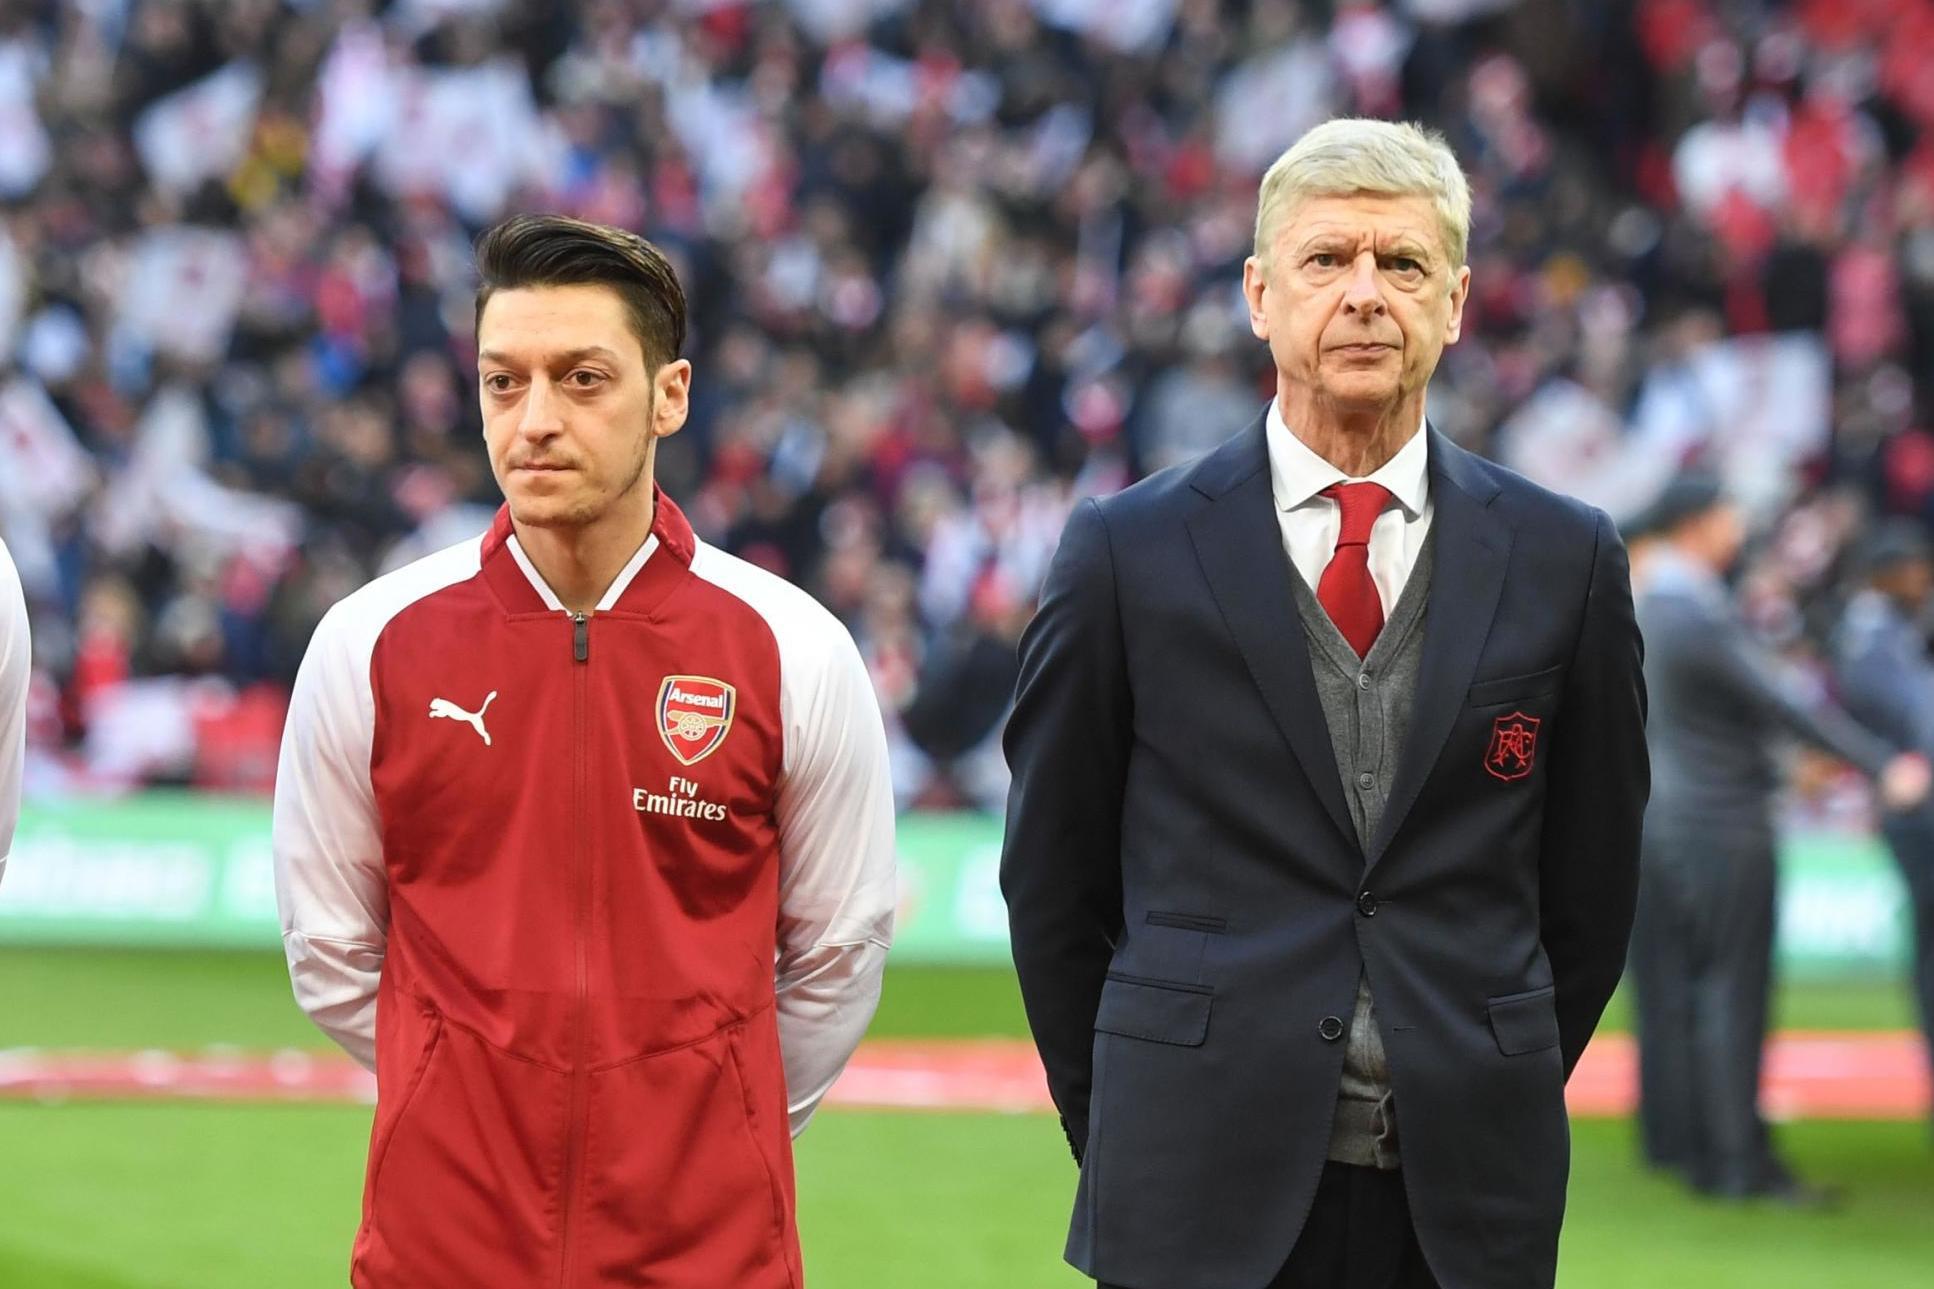 Arsene Wenger defends Mesut Ozil over Uighur comments - OrissaPOST